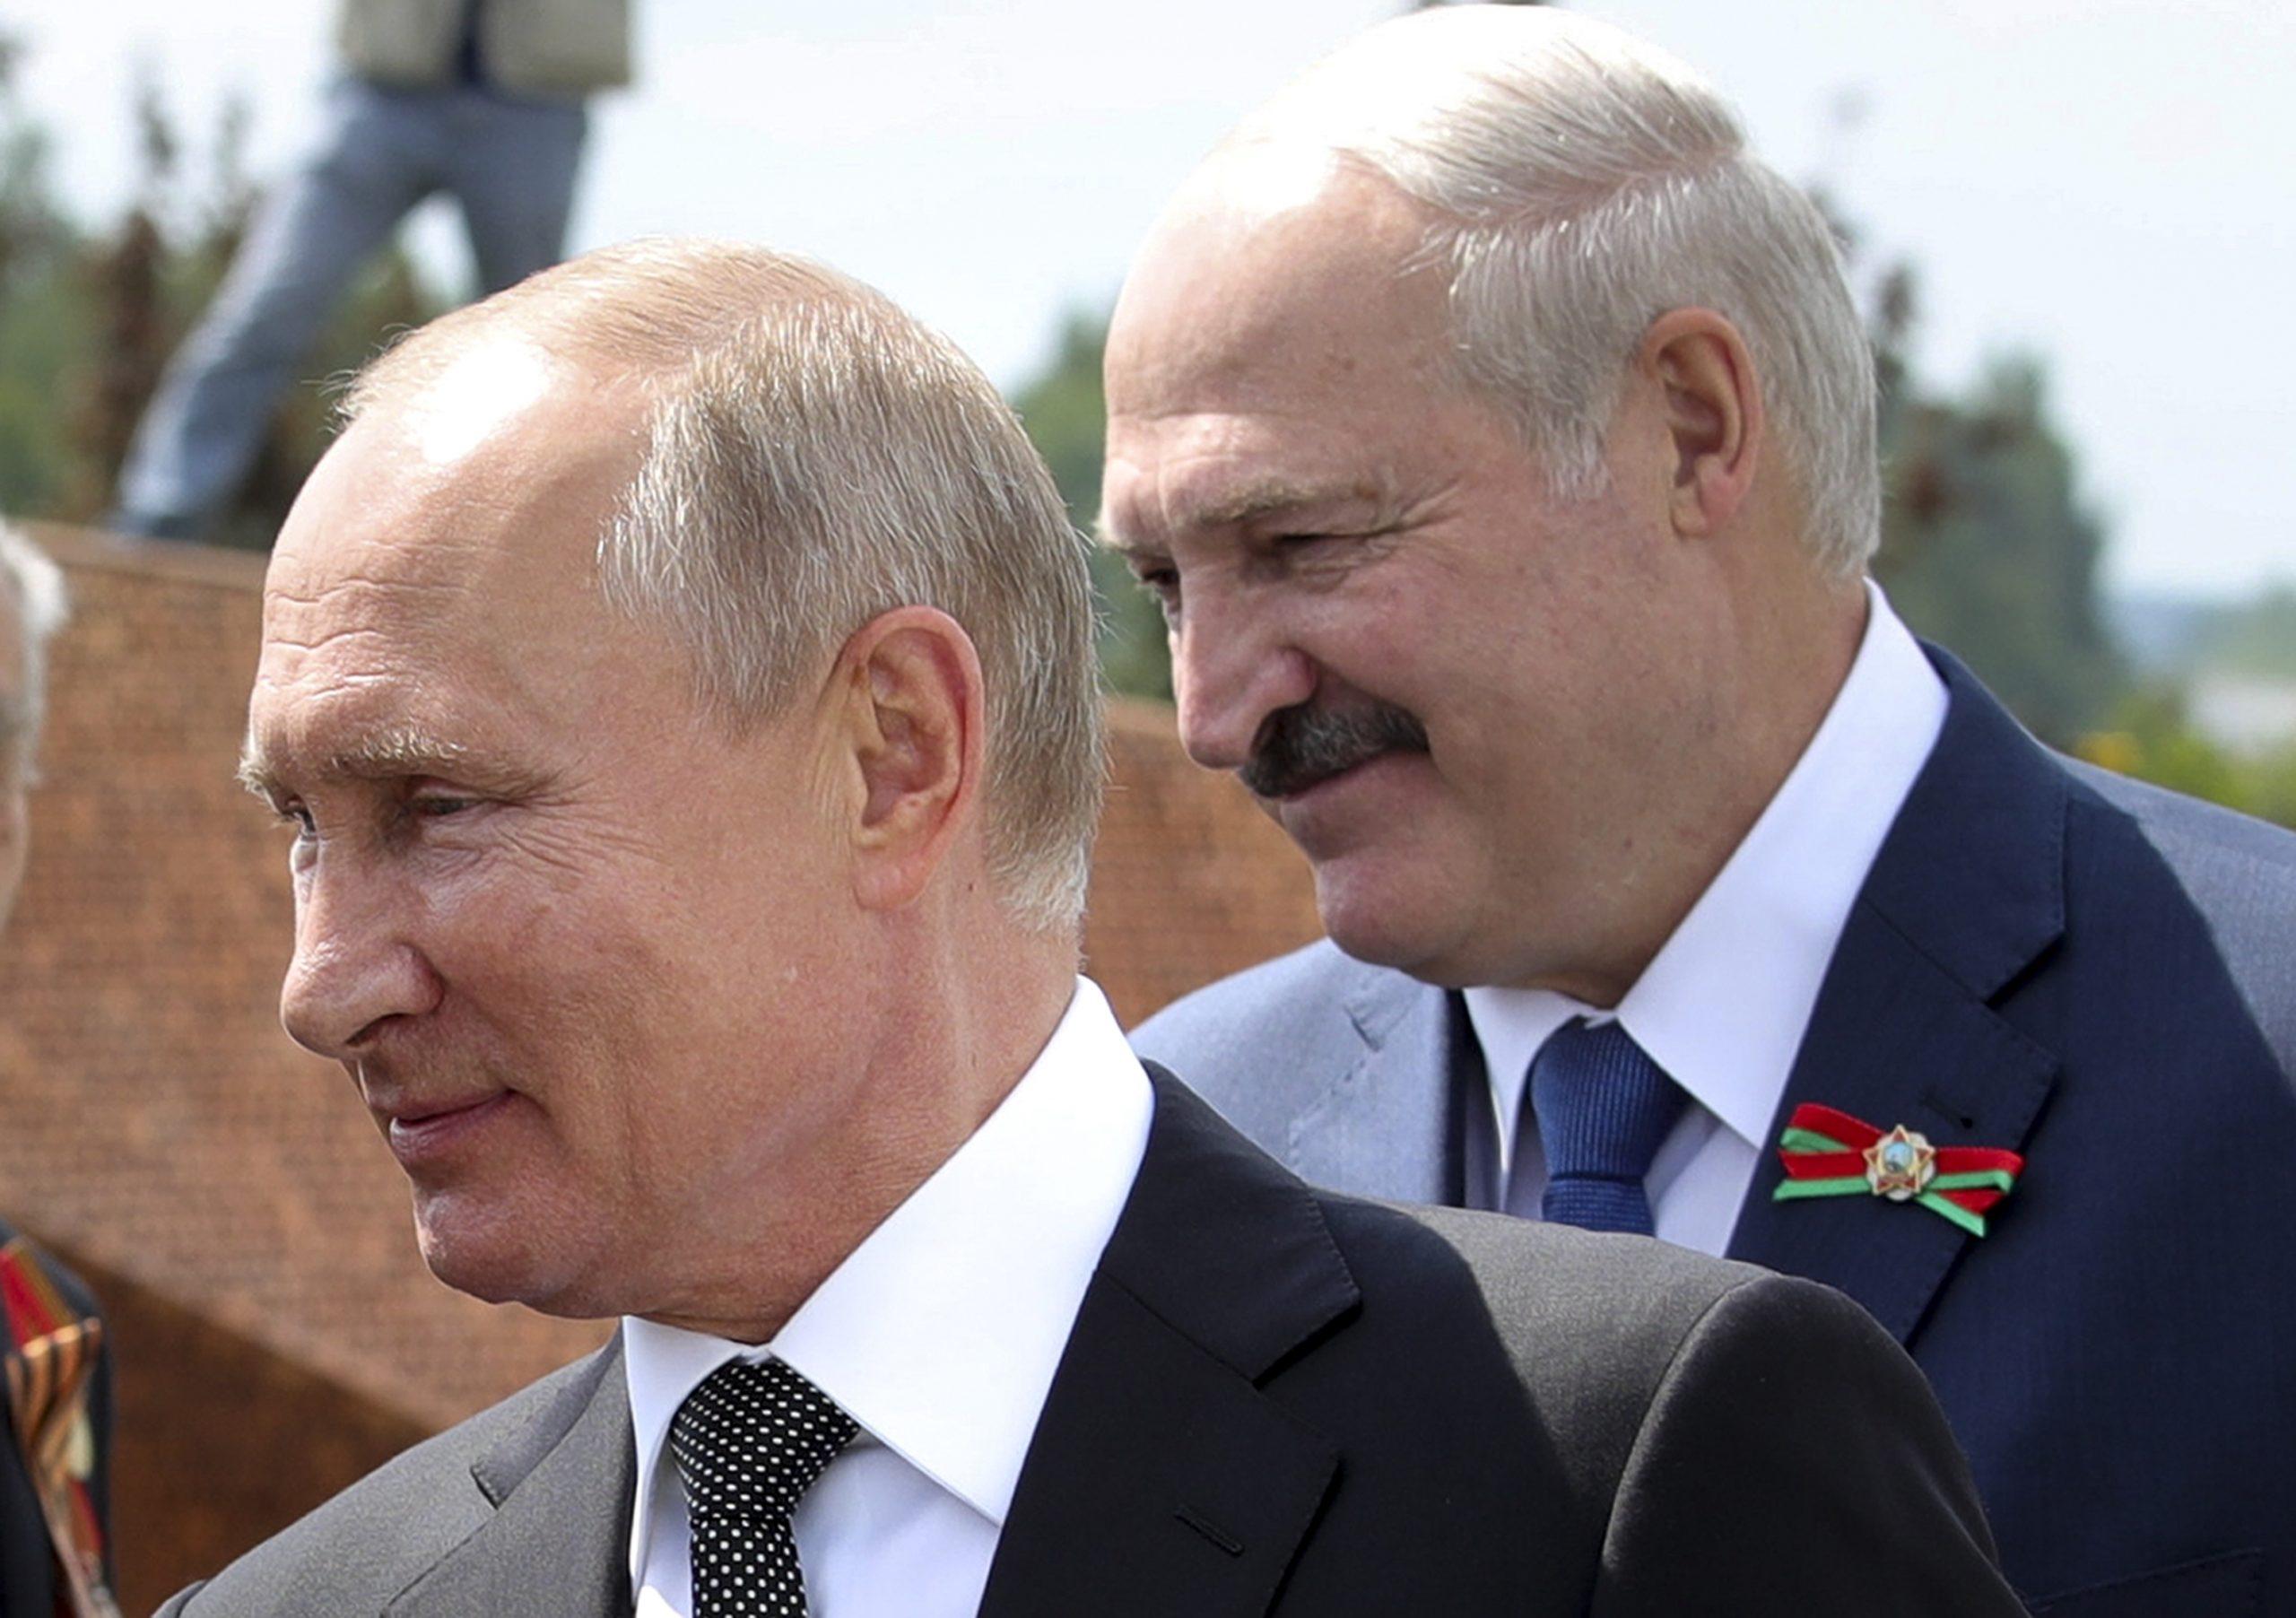 سرنوشت لوکاشنکو اکنون در دست پوتین است